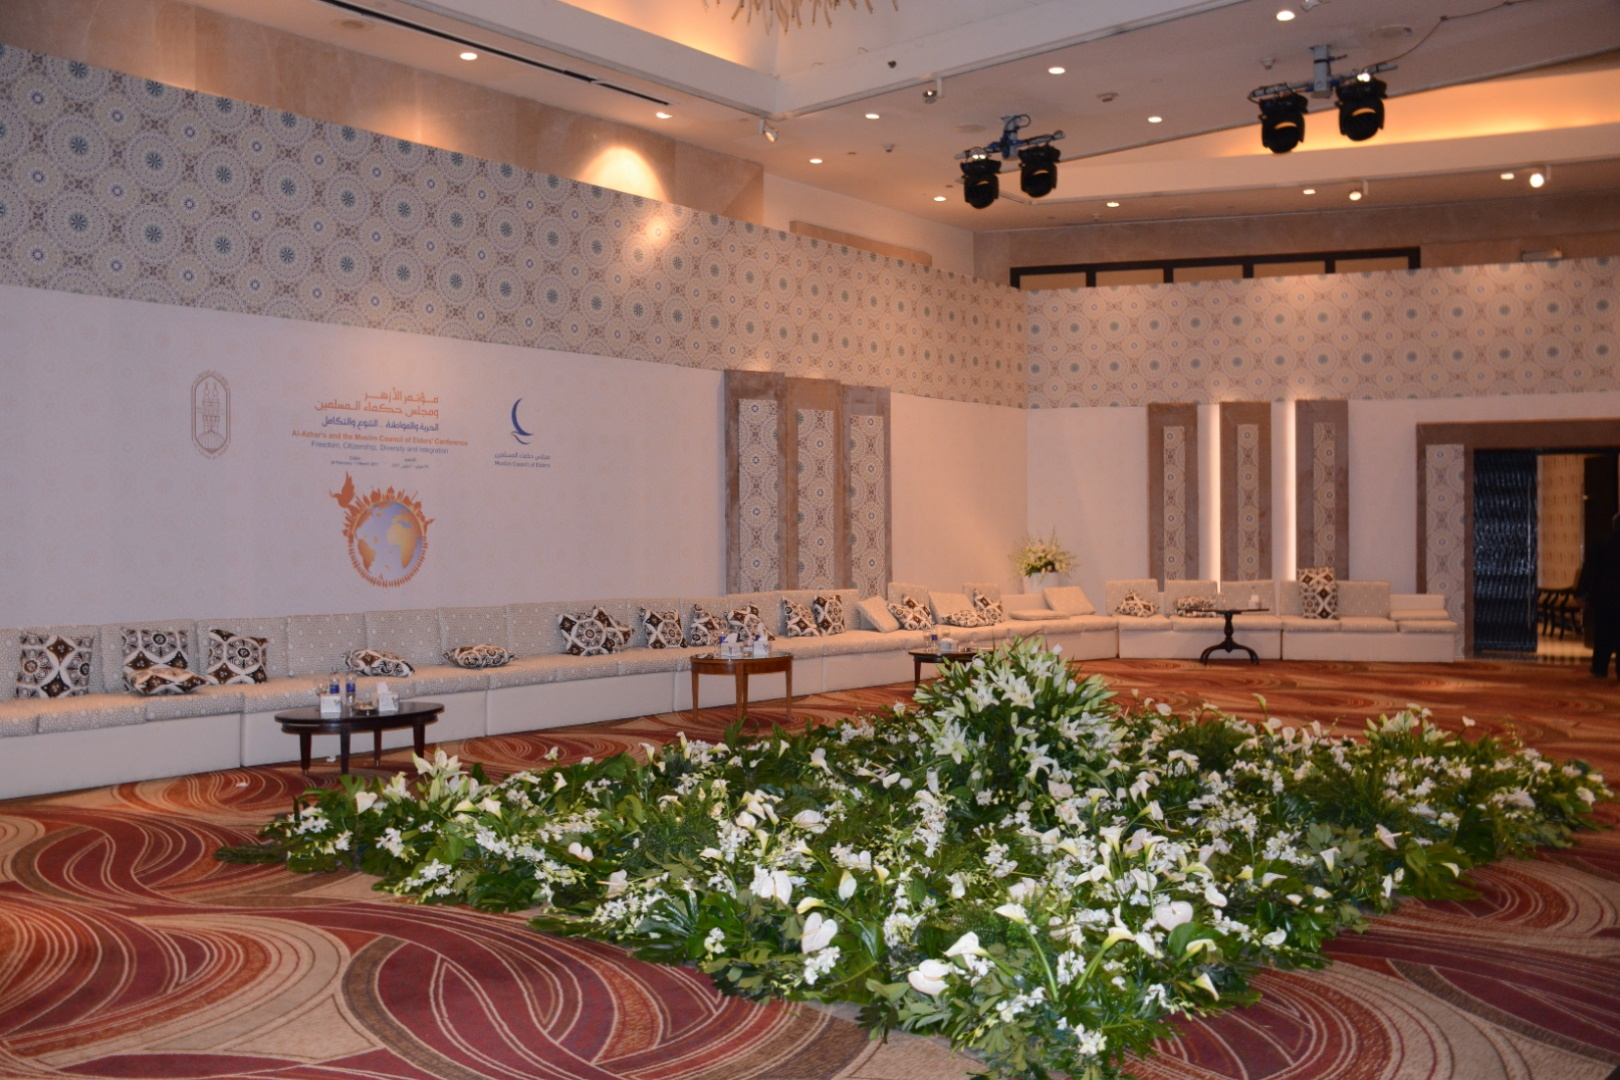 Muslim Council of Elders 10